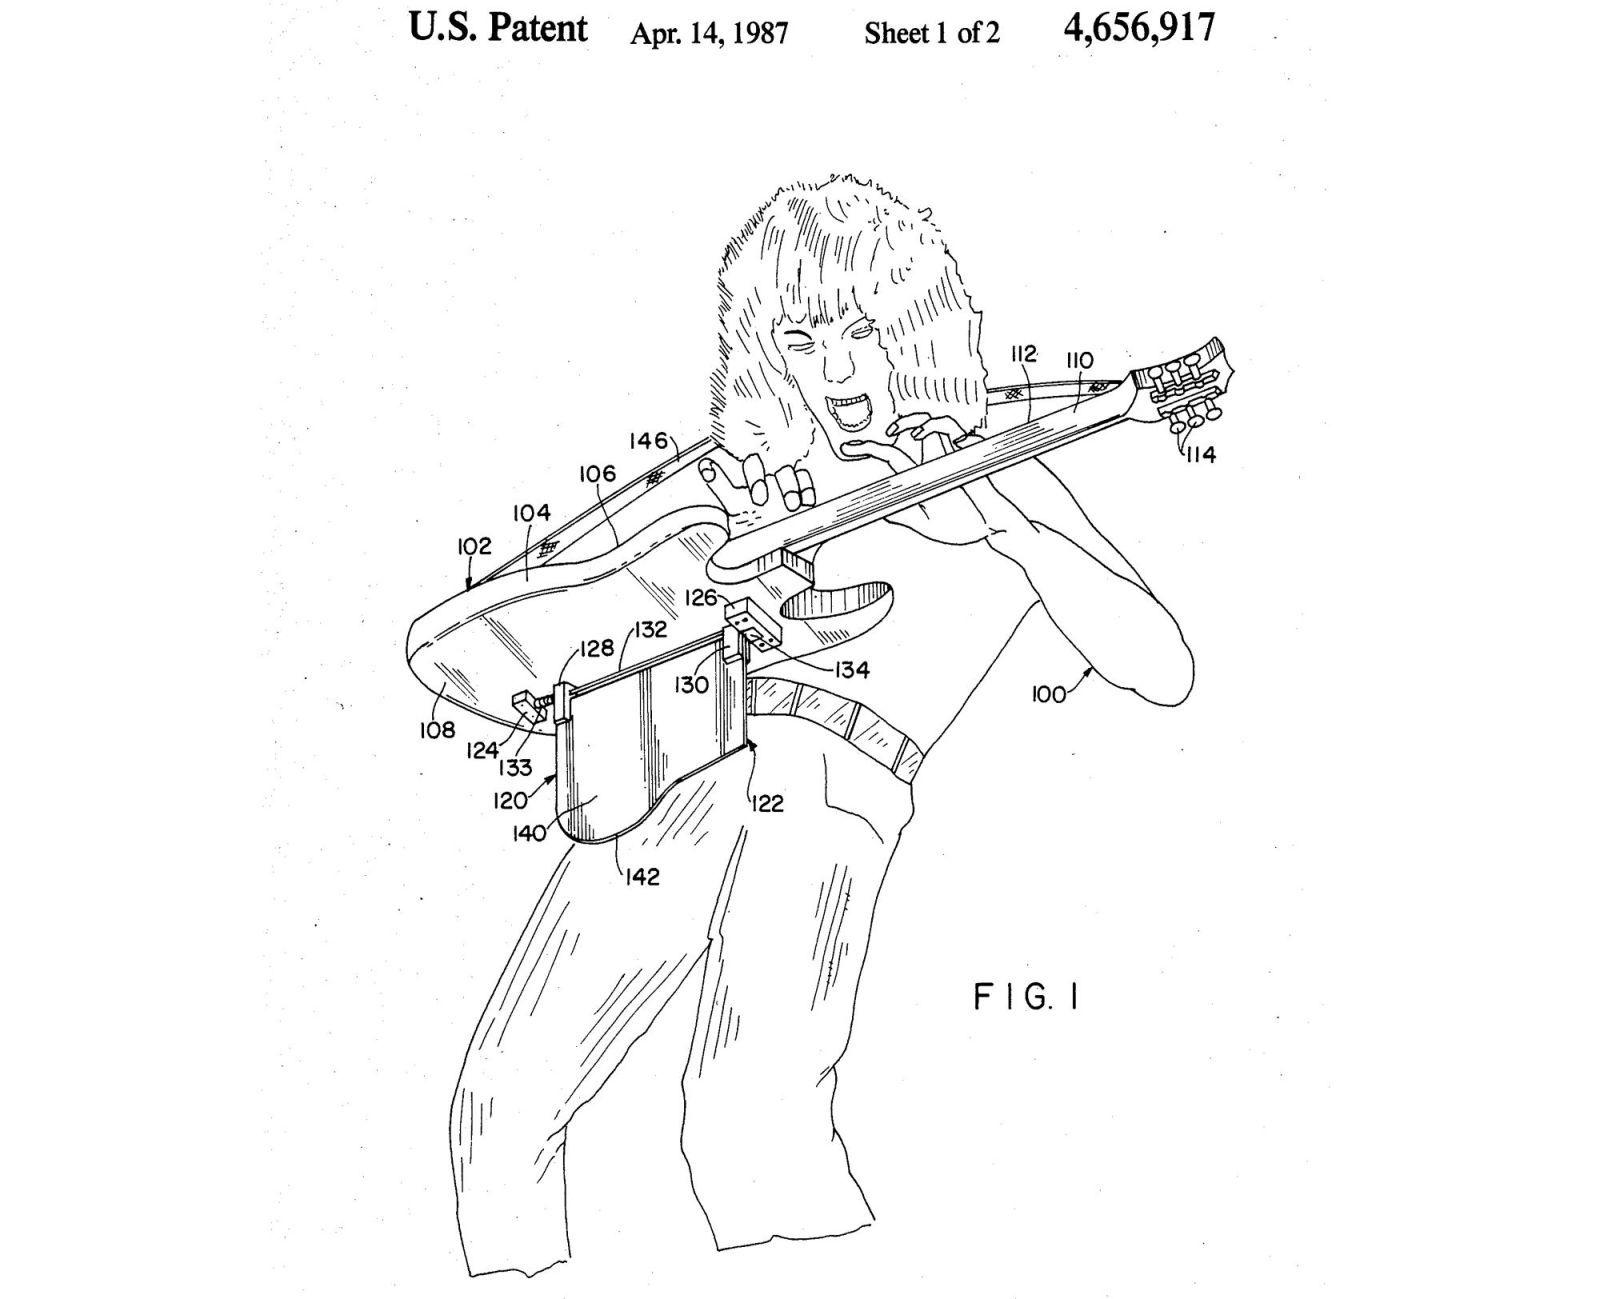 evh wiring diagram wiring diagram Edie Van Halen evh wiring diagram